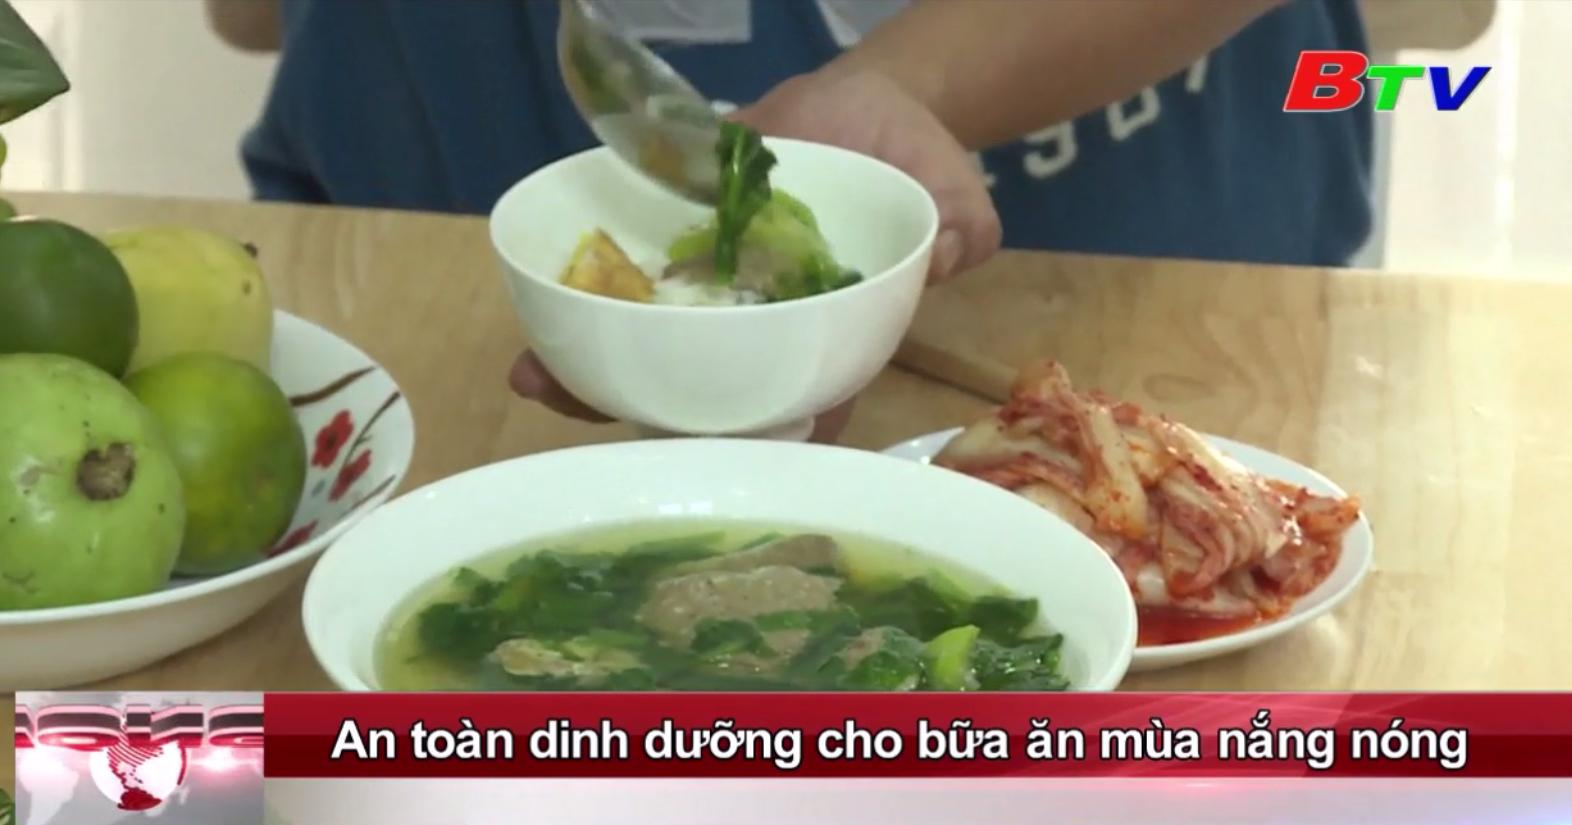 An toàn dinh dưỡng cho bữa ăn mùa nắng nóng